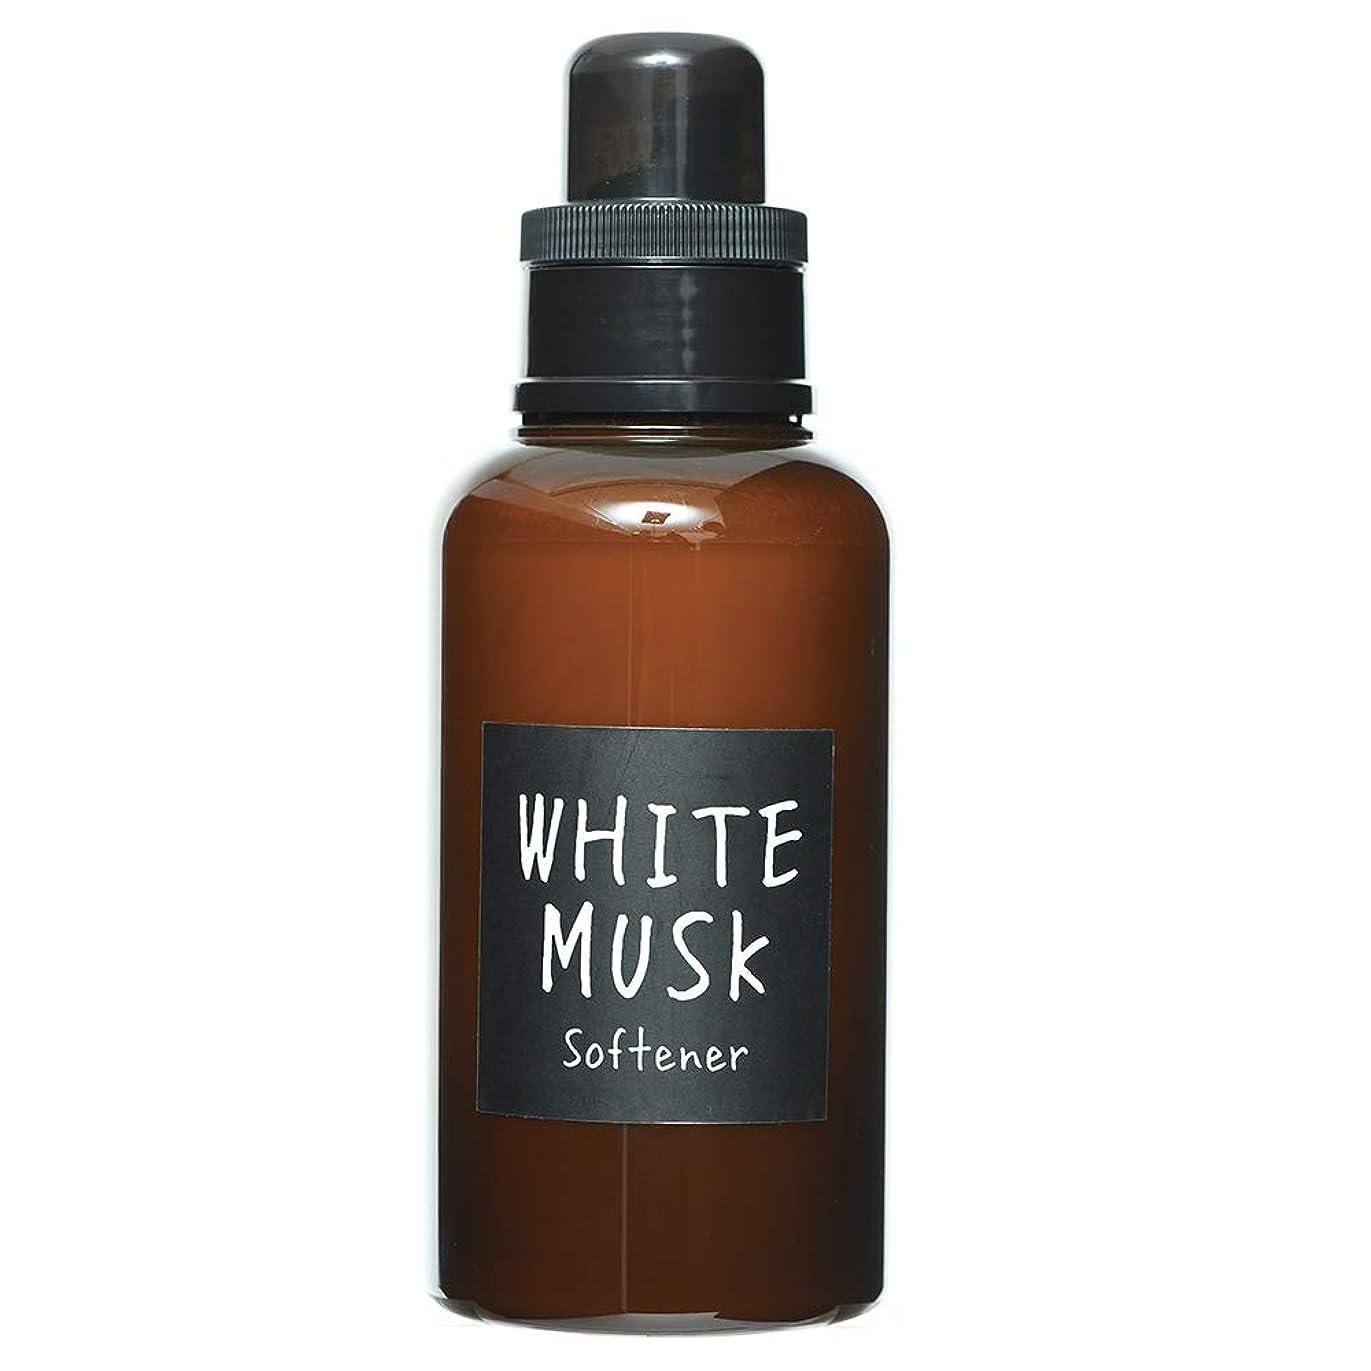 シネウィ導入するじゃないジョンズブレンド 柔軟剤 ソフナー 510ml ホワイトムスクの香り OA-JON-15-1